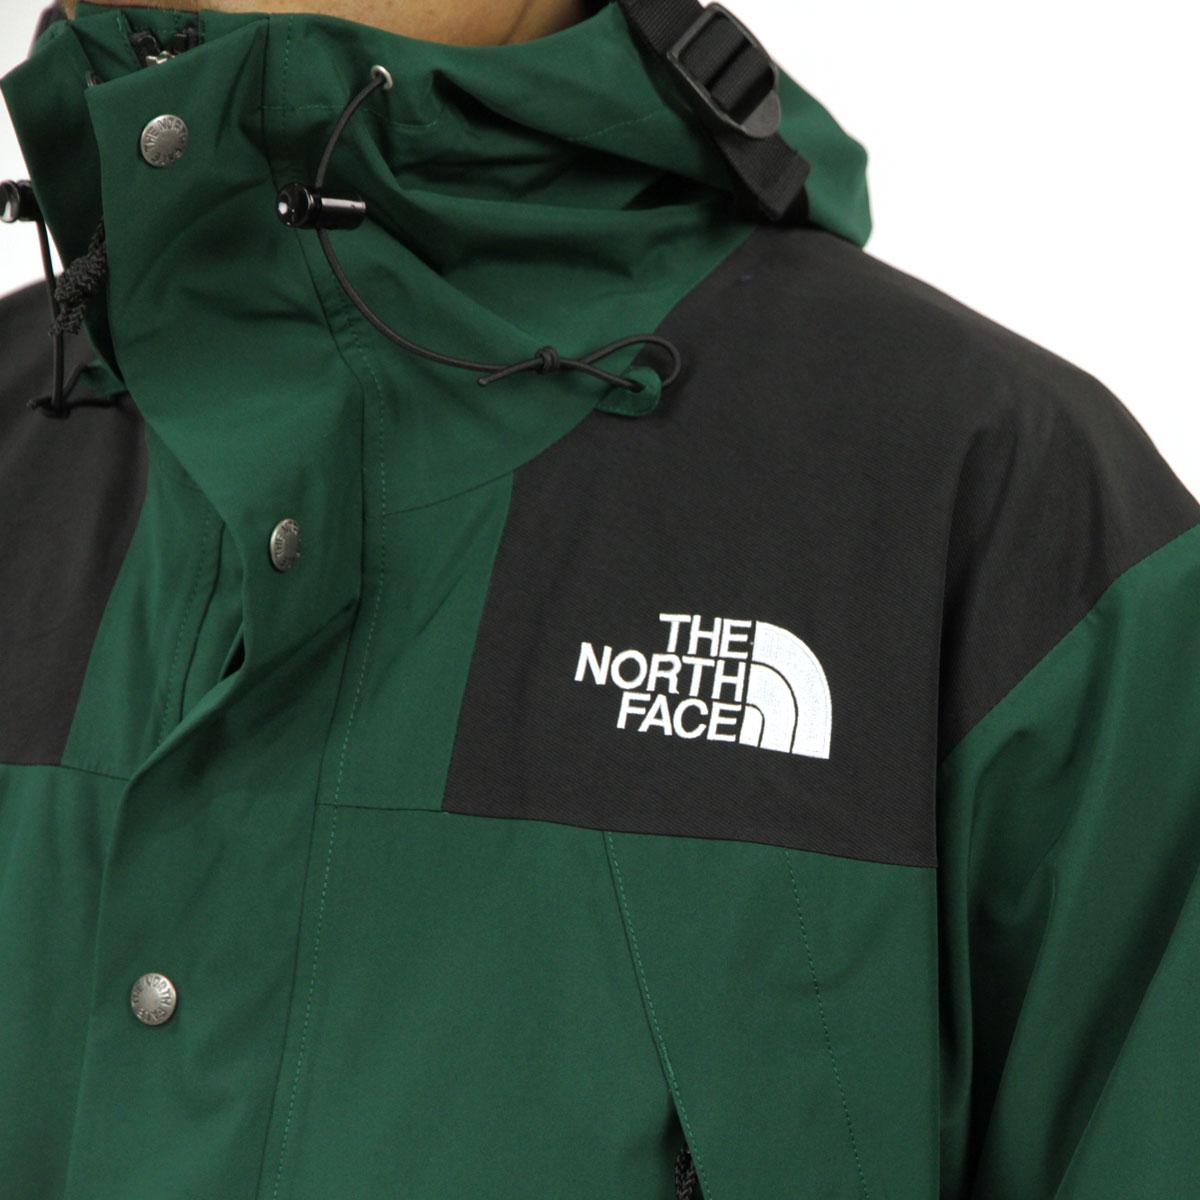 ノースフェイス ゴアテックス メンズ 正規品 THE NORTH FACE マウンテンパーカー アウター 1990 MOUNTAIN JACKET GTX NIGHT GREEN NF0A3XEJN3P A14B B1C C1D D4E E08F ホワイトデー 2021 ラッピング無料